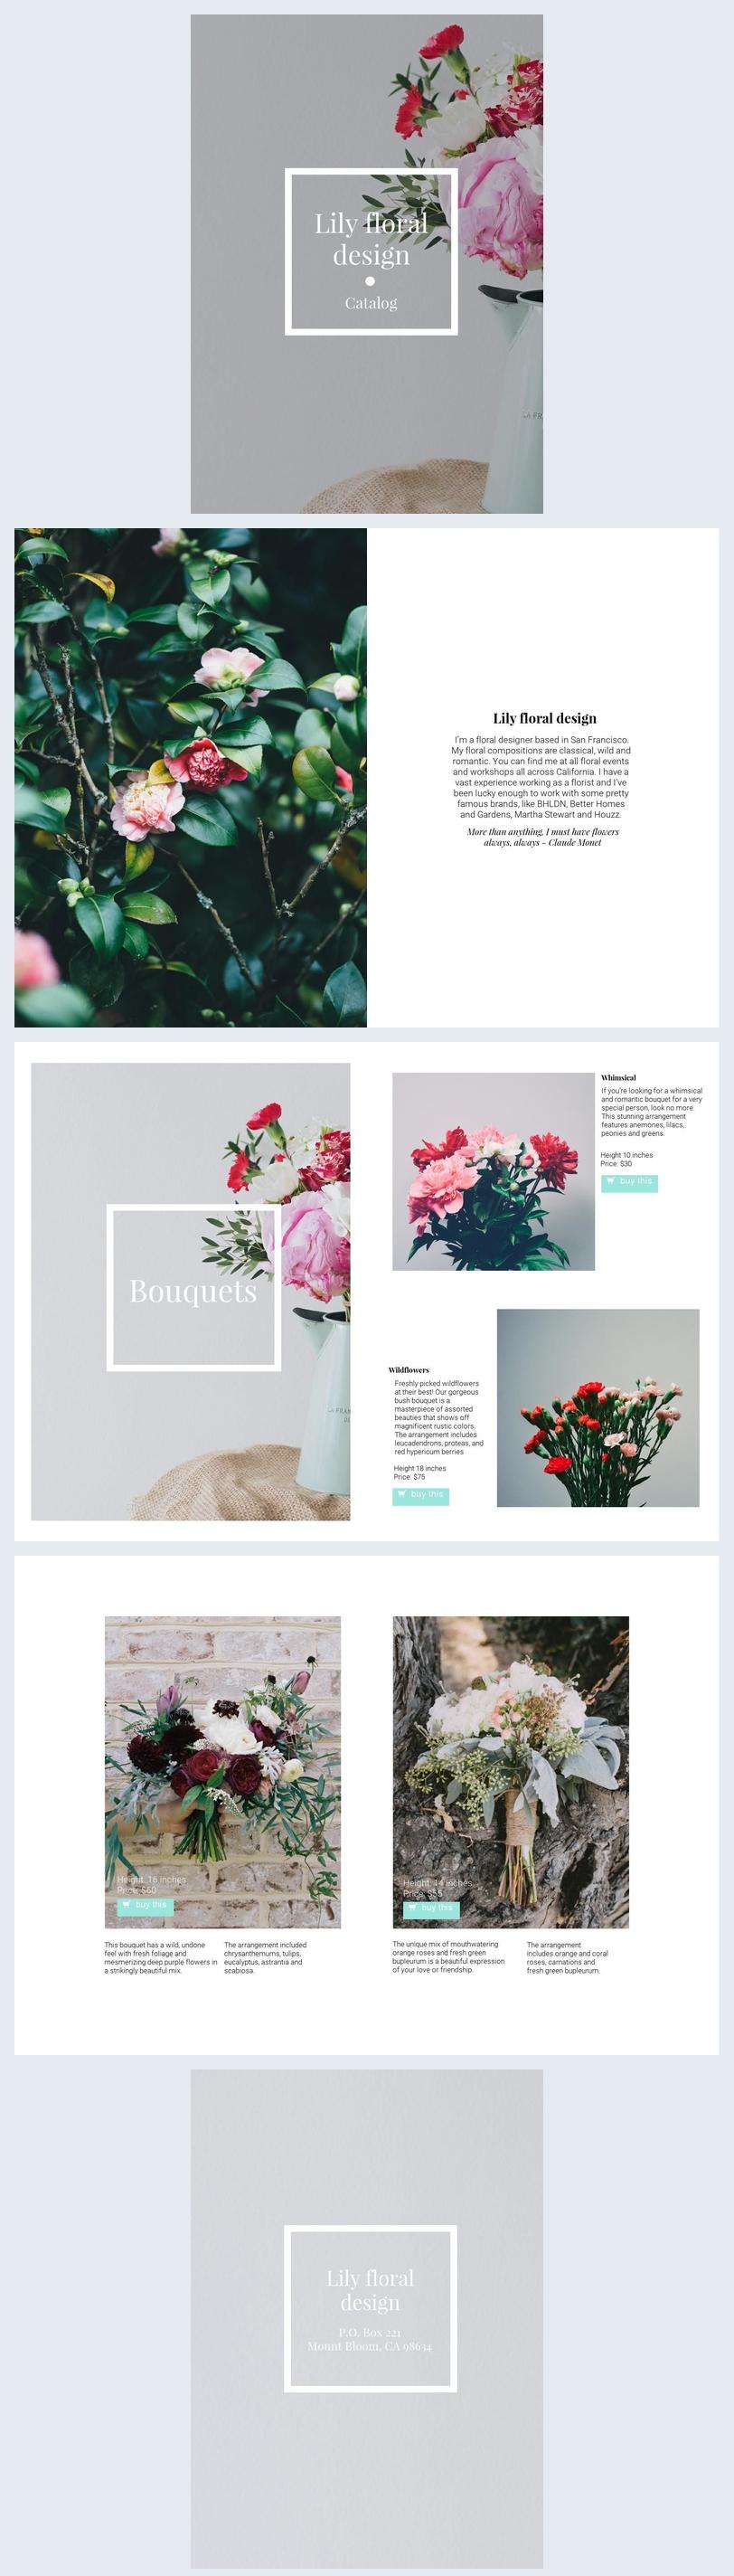 Design für einen Online-Katalog